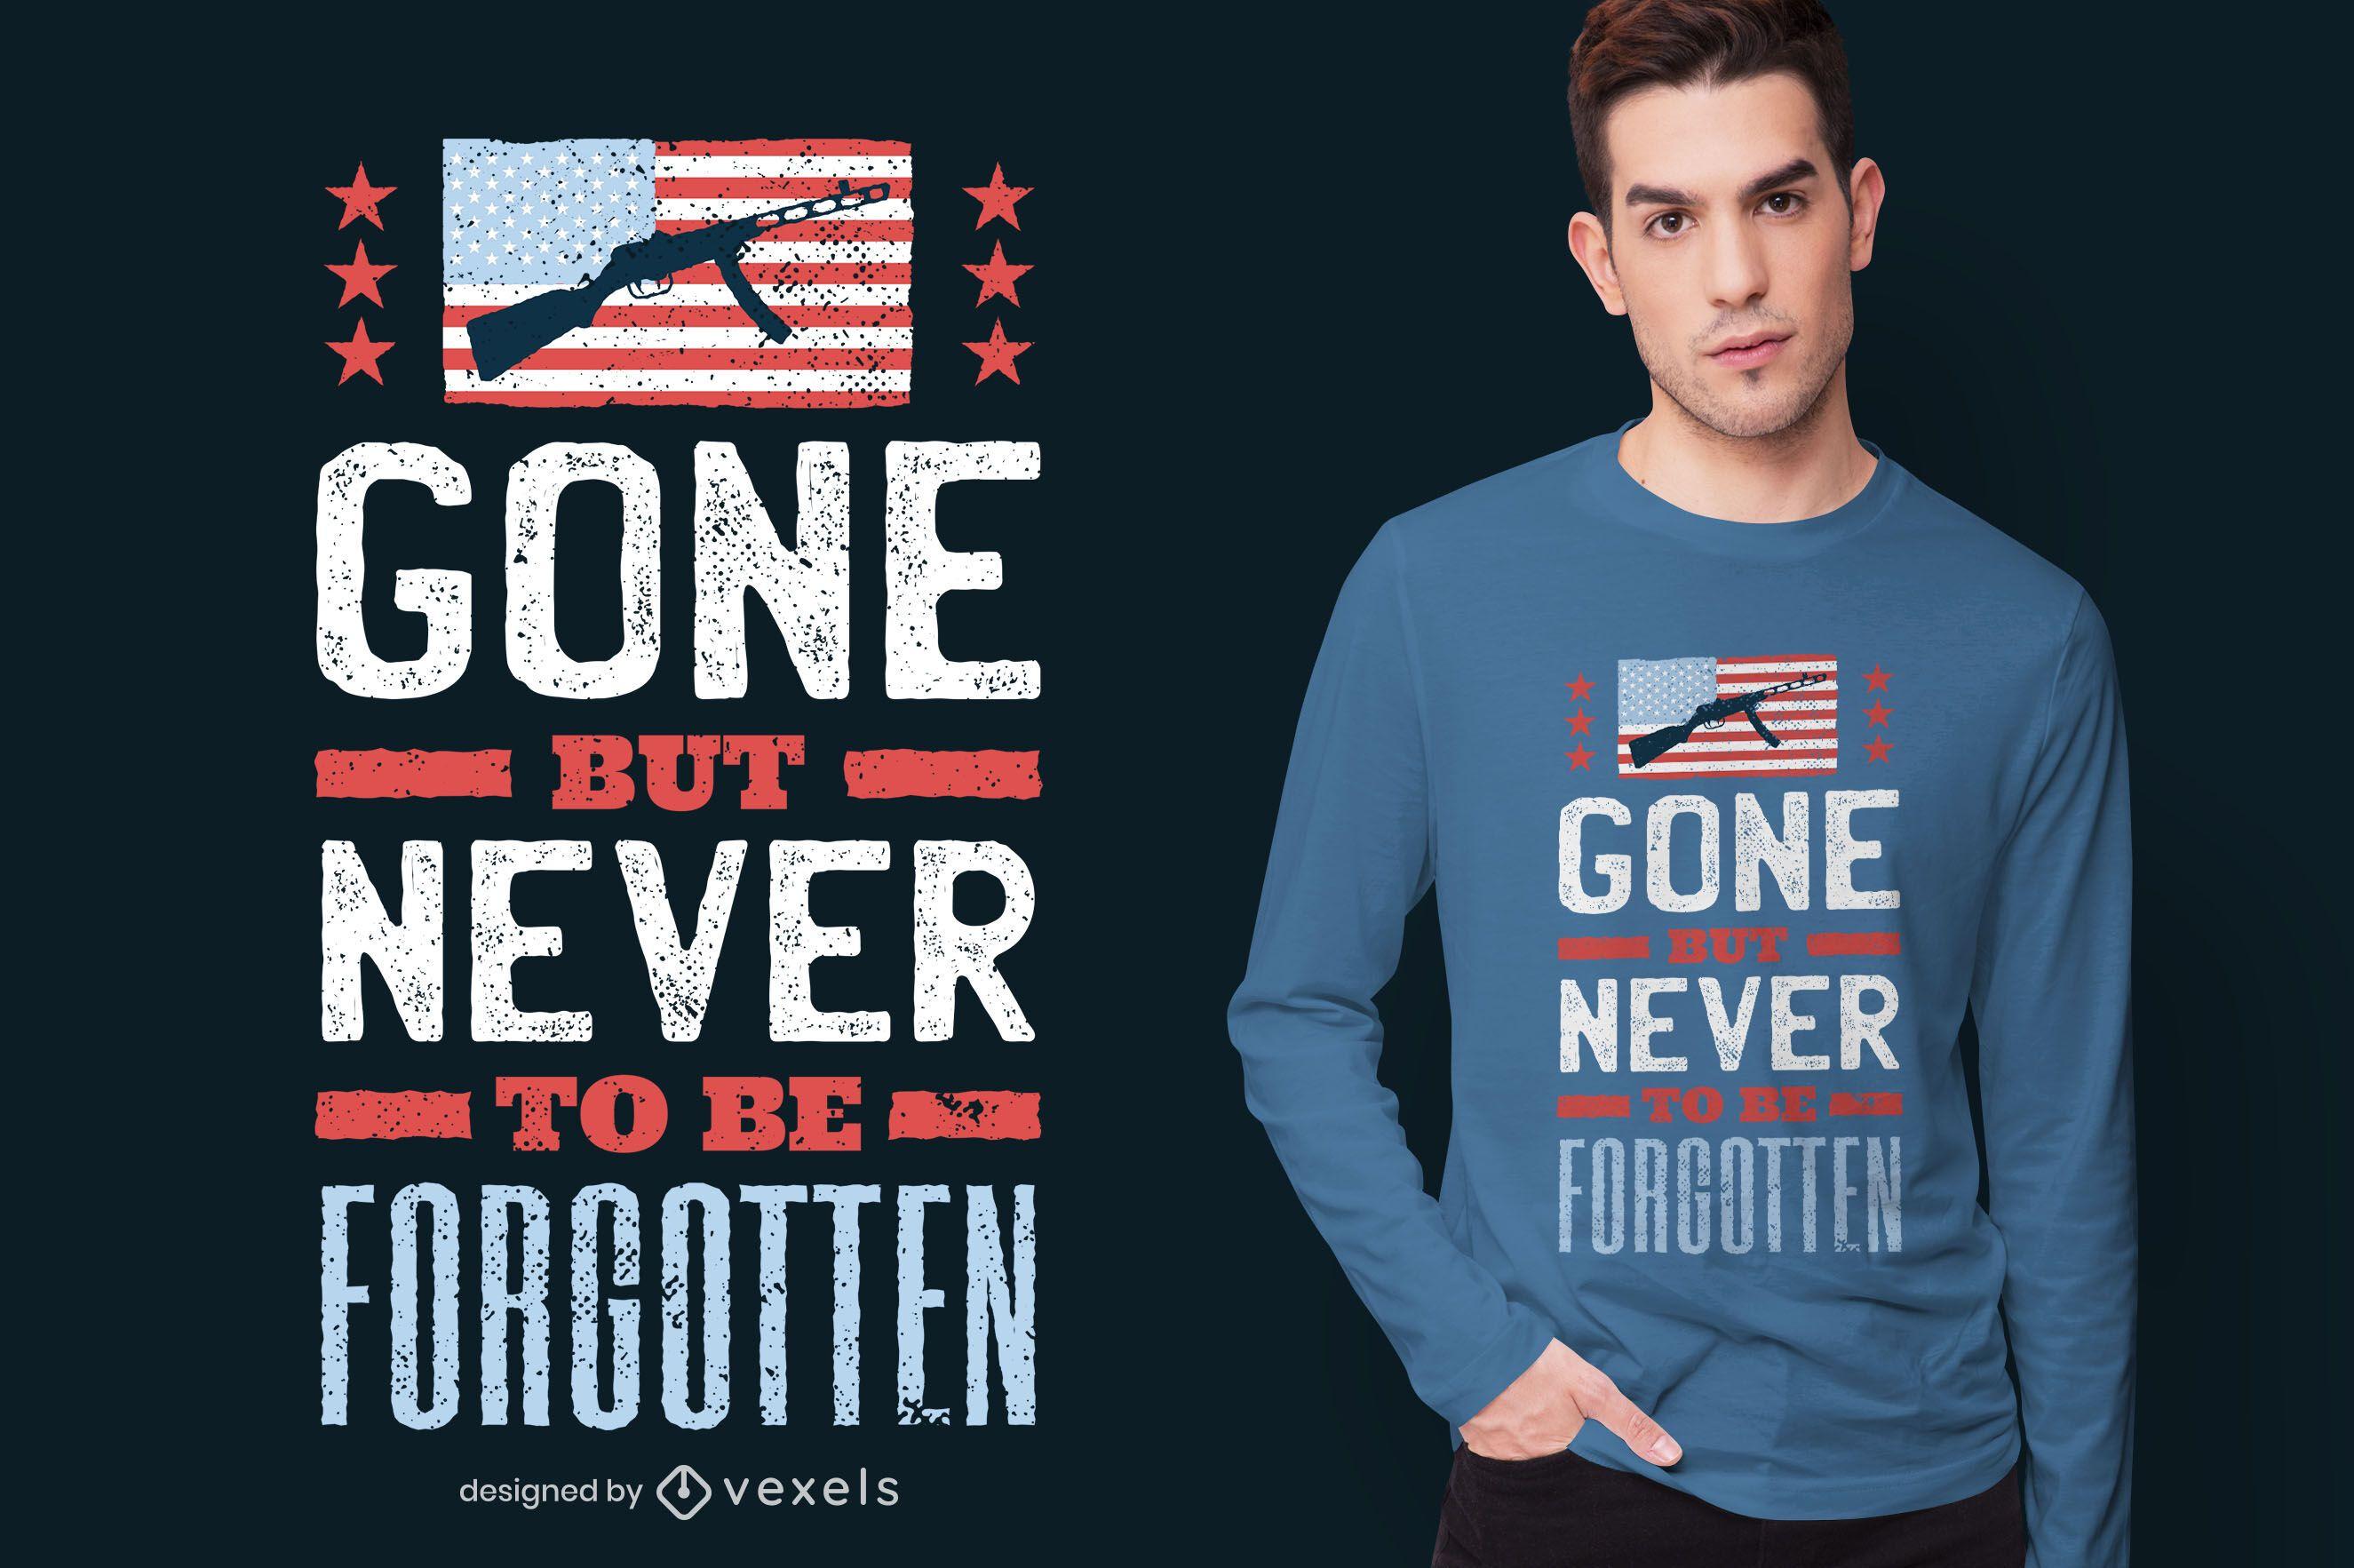 Gone but never forgotten t-shirt design